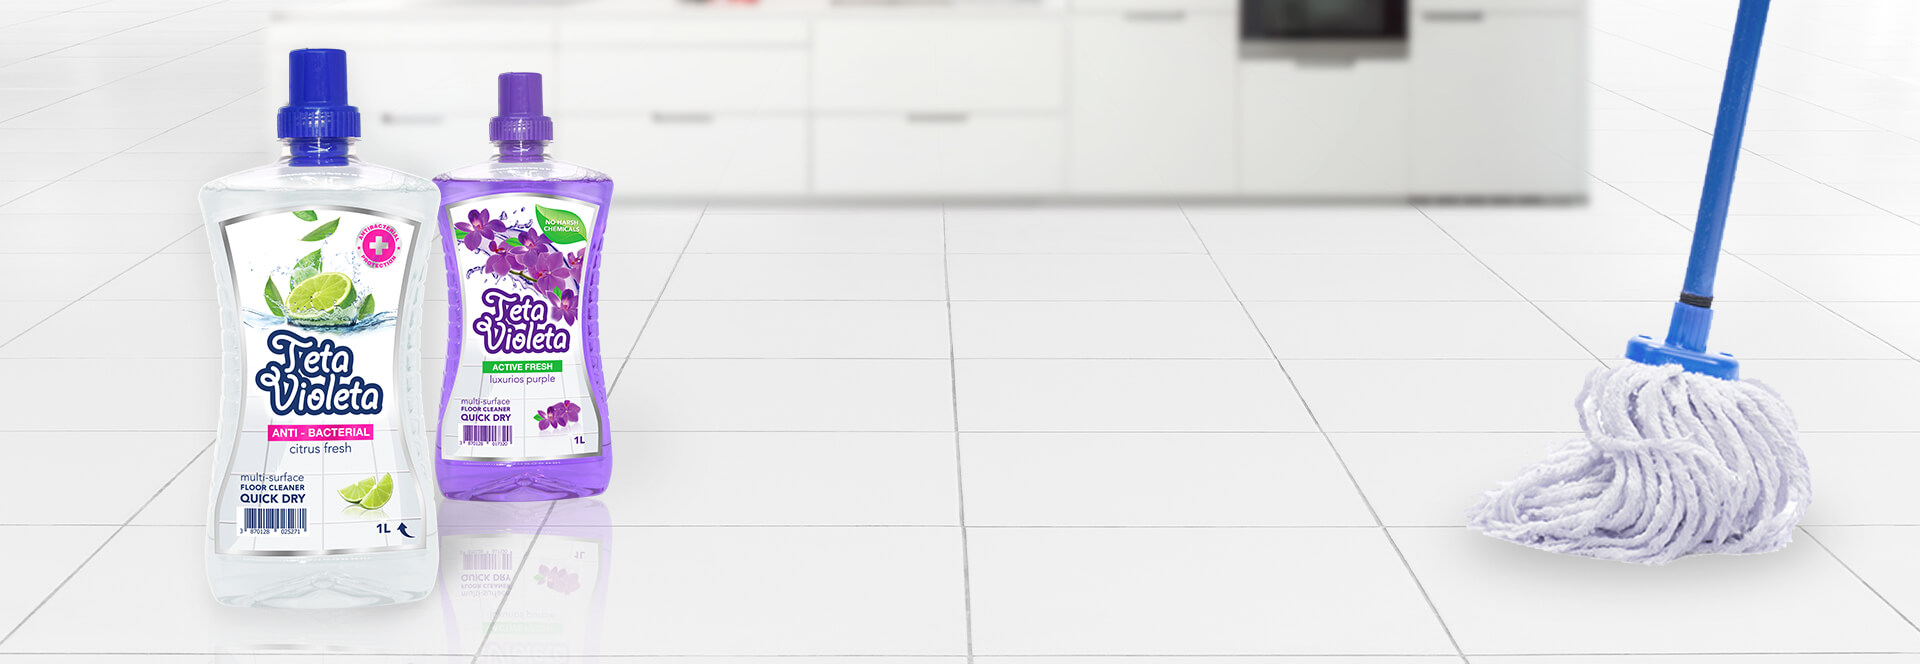 Sredstva-za-čišćenje-podova